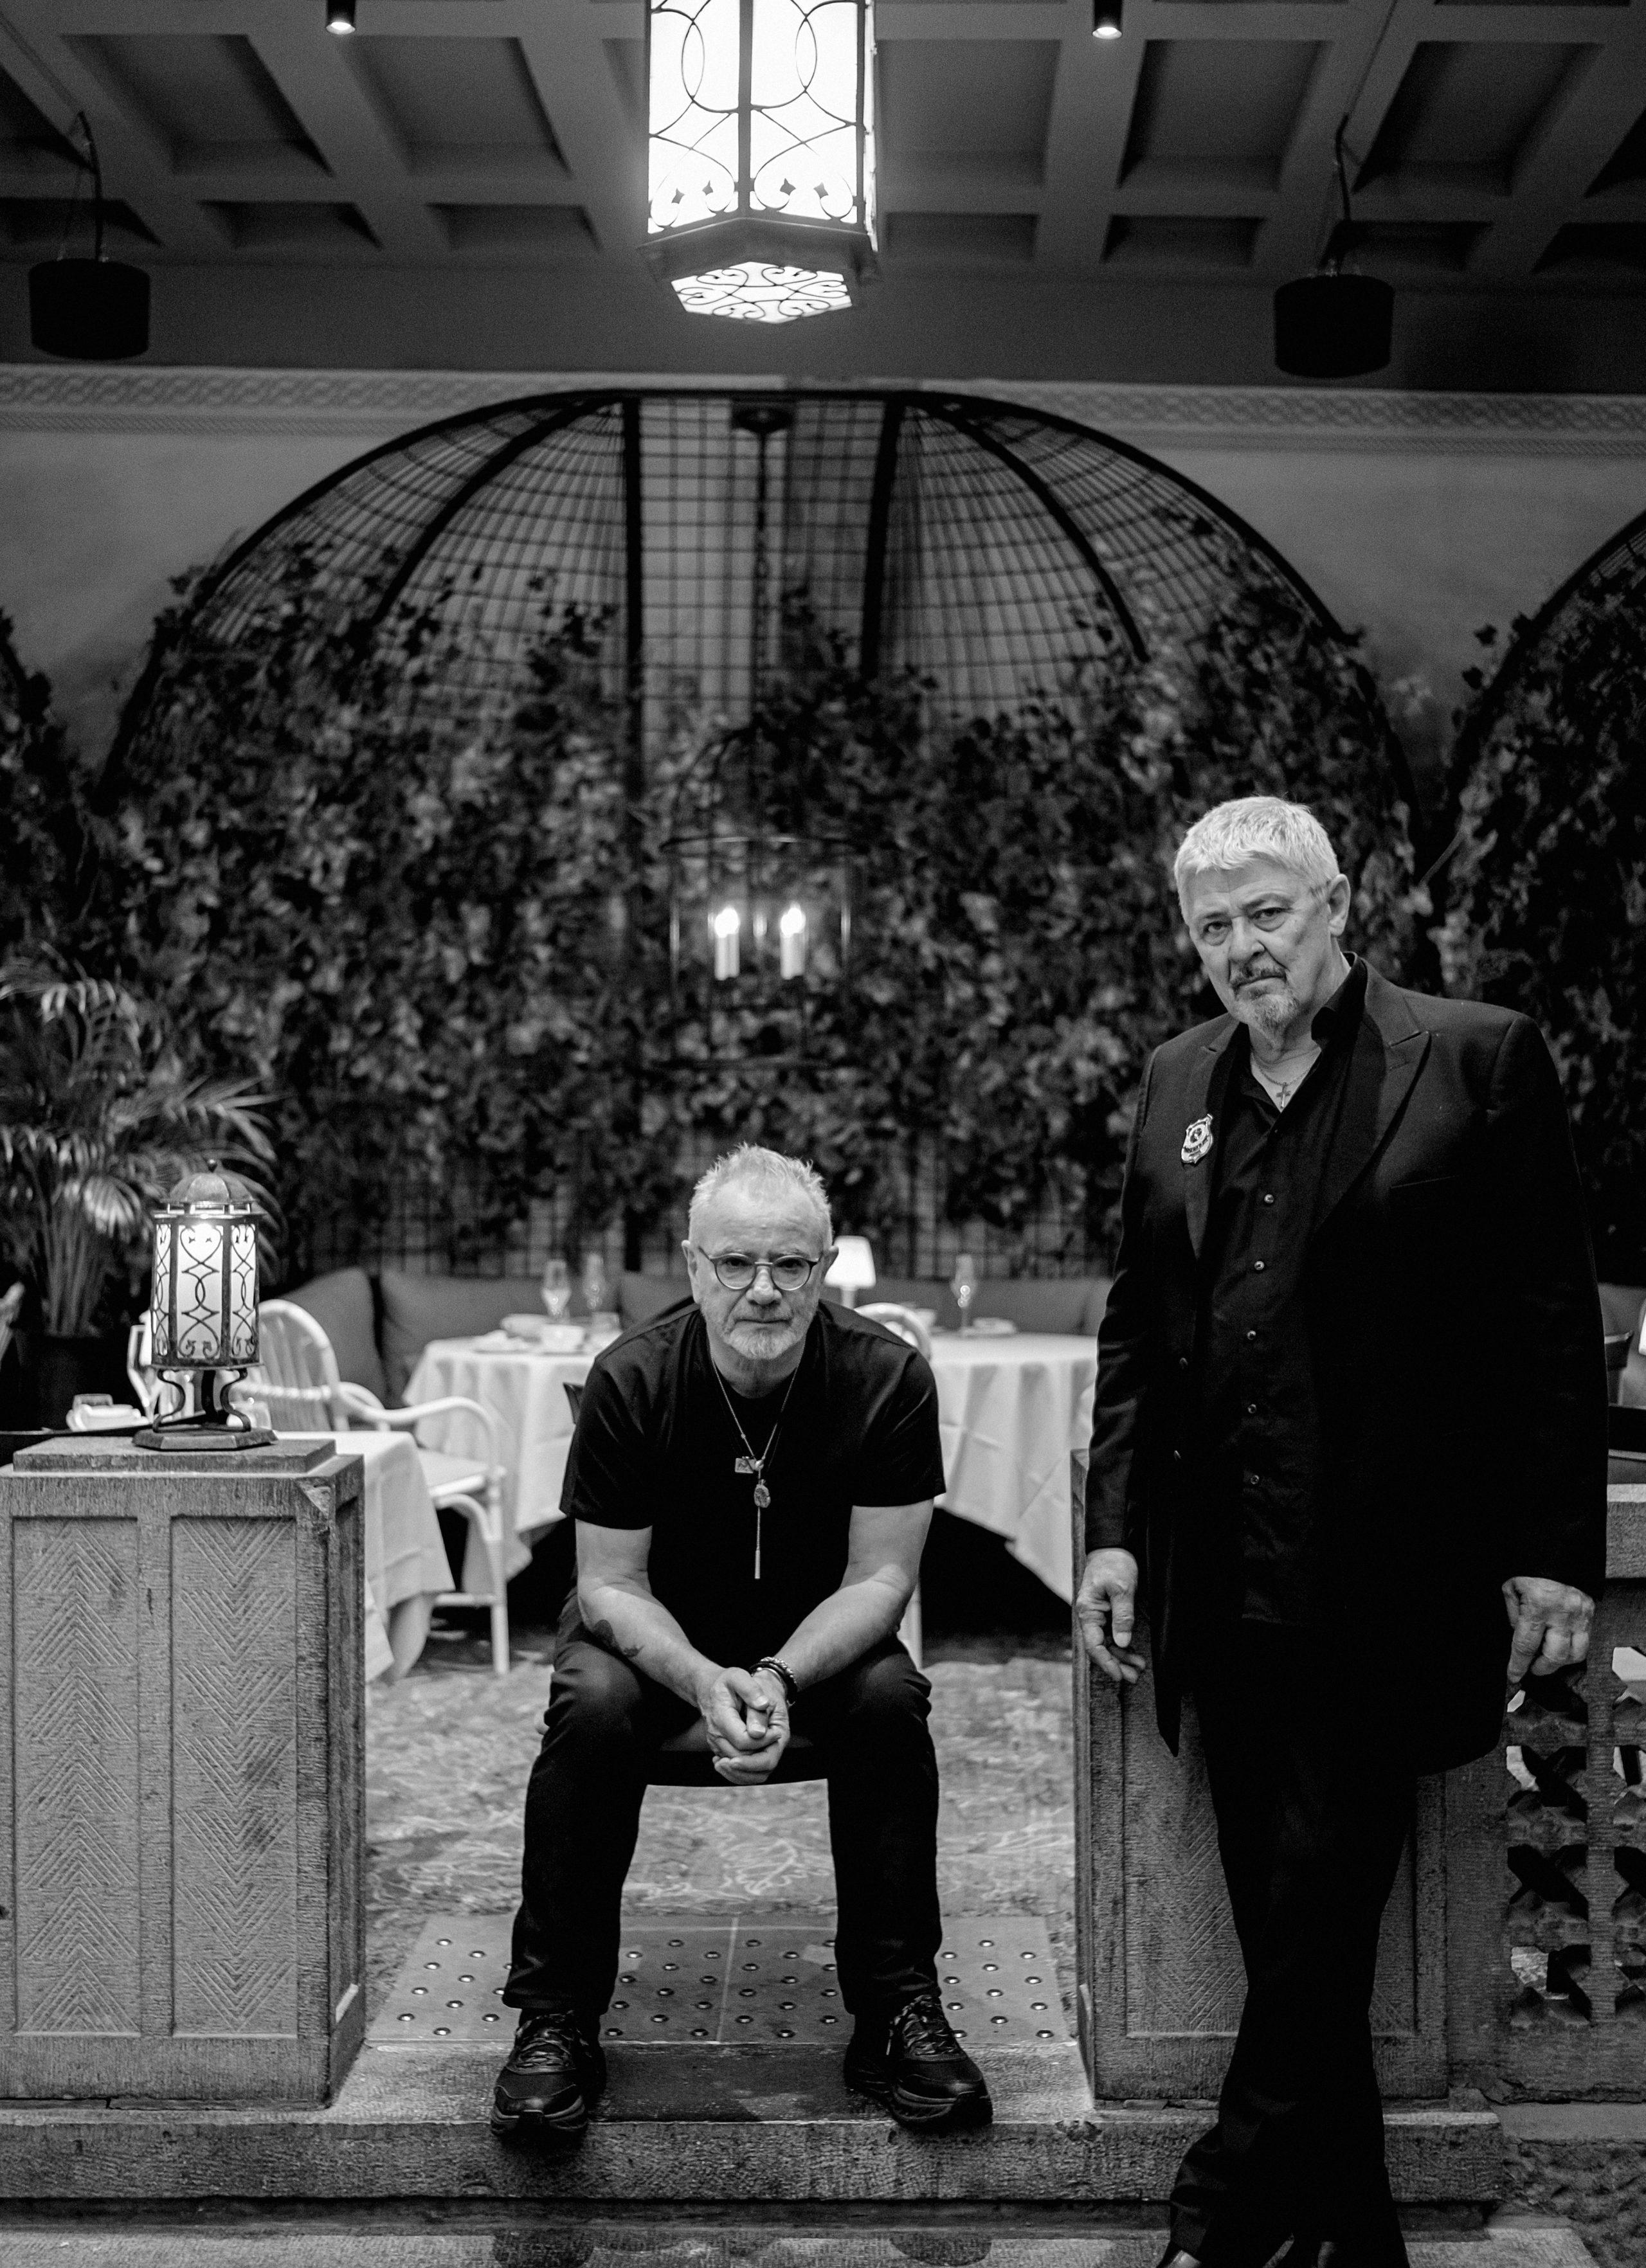 Åge Aleksandersen, Gunnar Pedersen and Trondheimsolistene